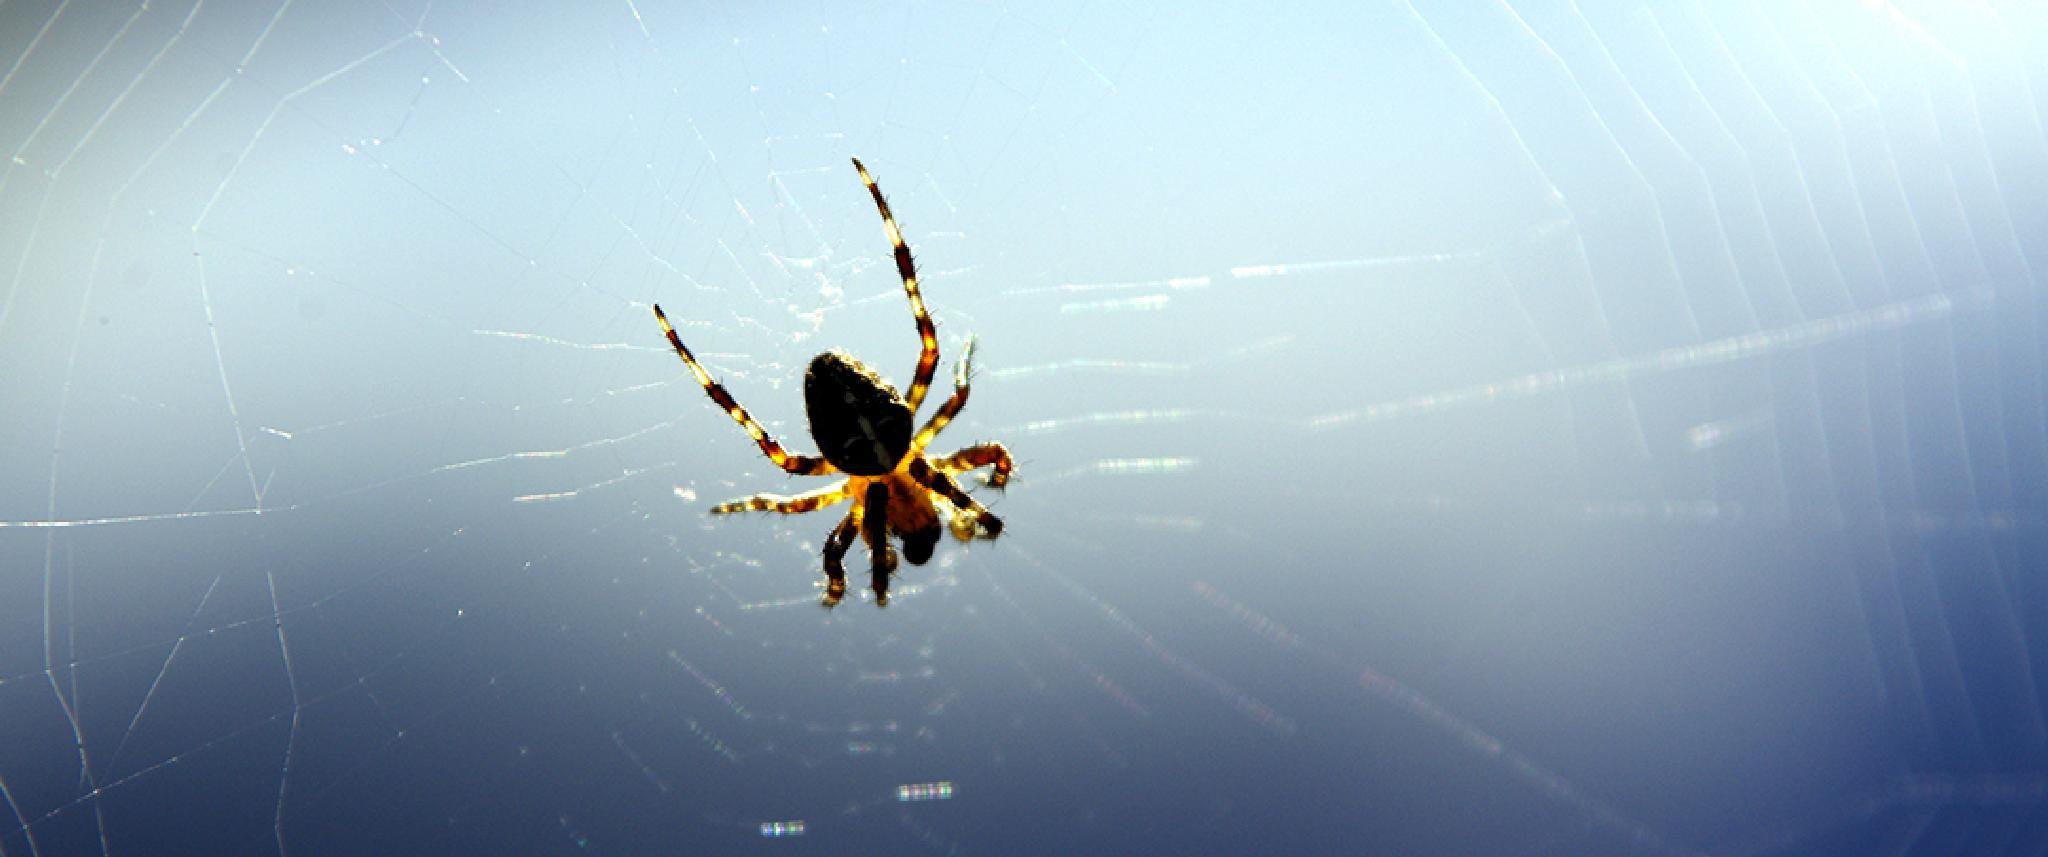 Spiderman by zuru